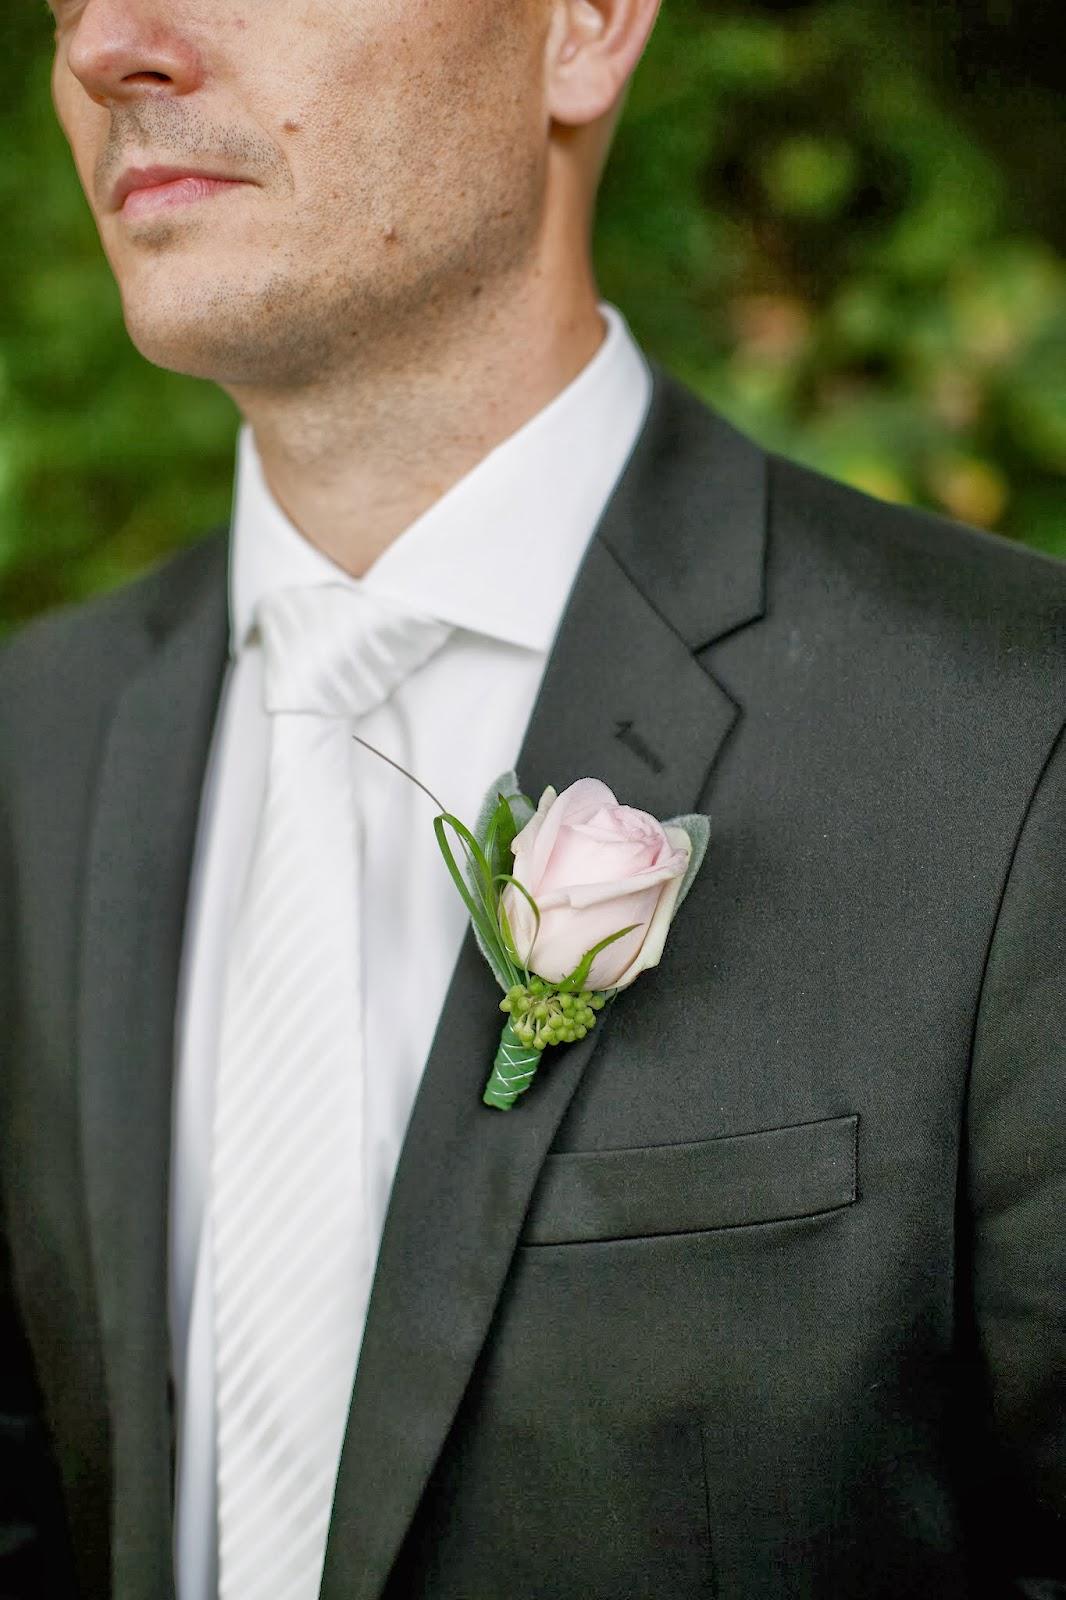 Esküvői vőlegény kitűző rózsaszín rózsából